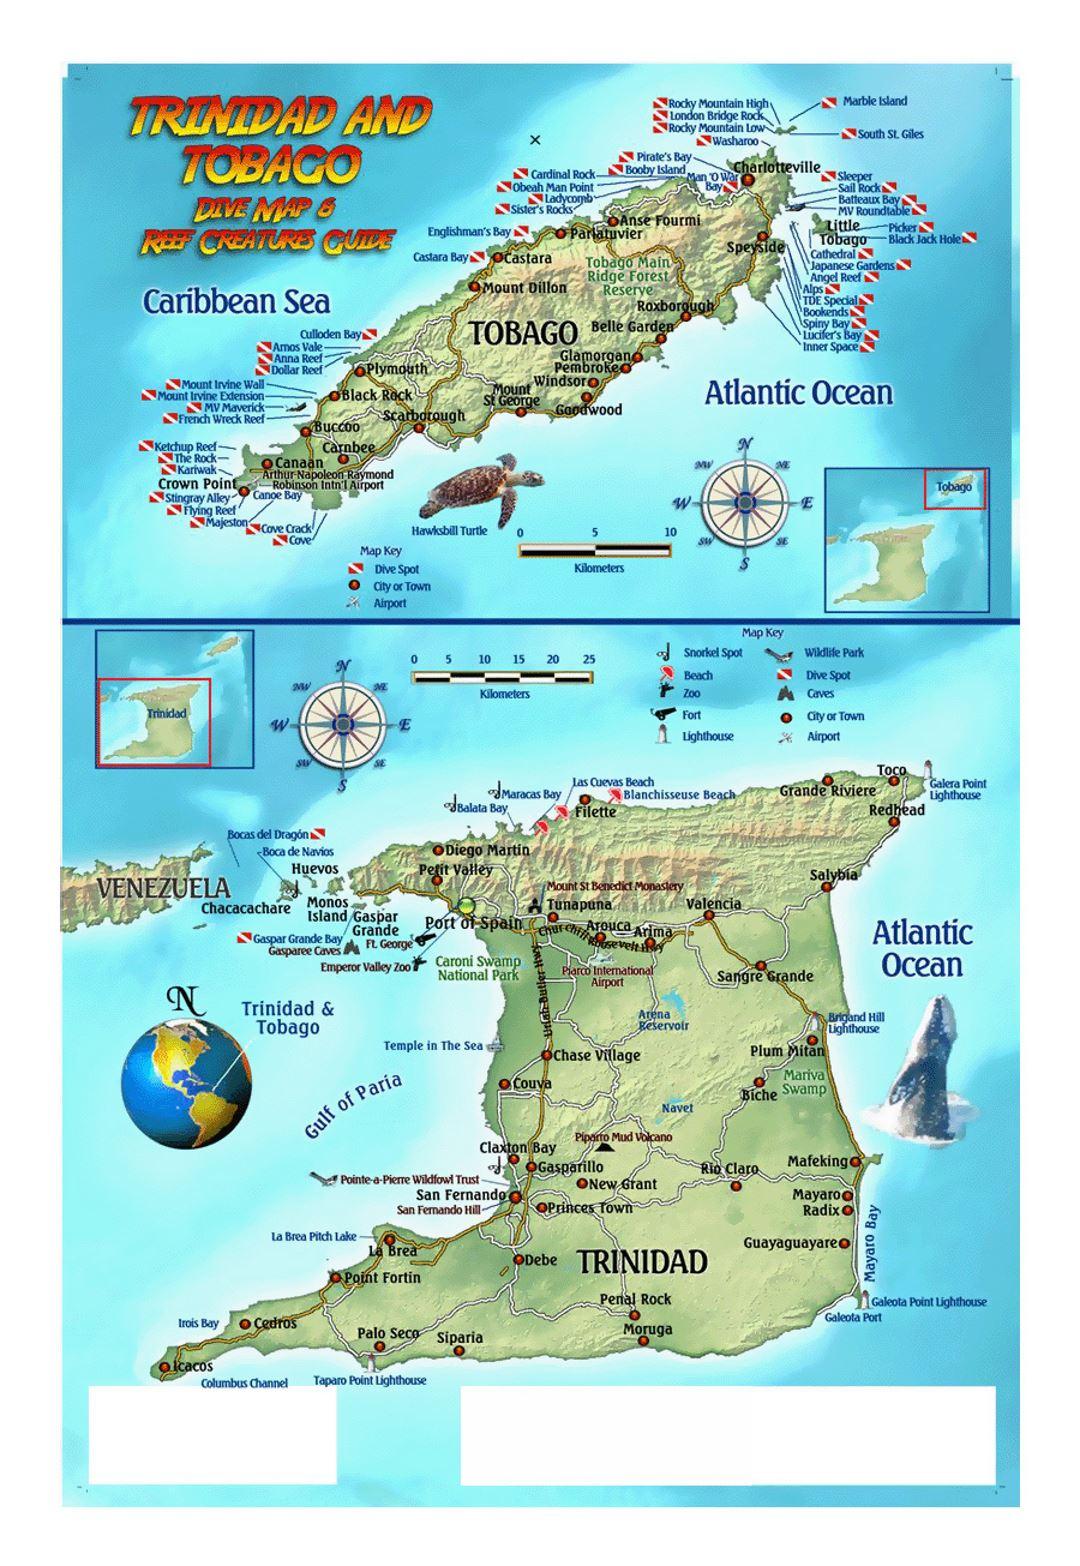 Detailed dive map of Trinidad and Tobago Trinidad and Tobago